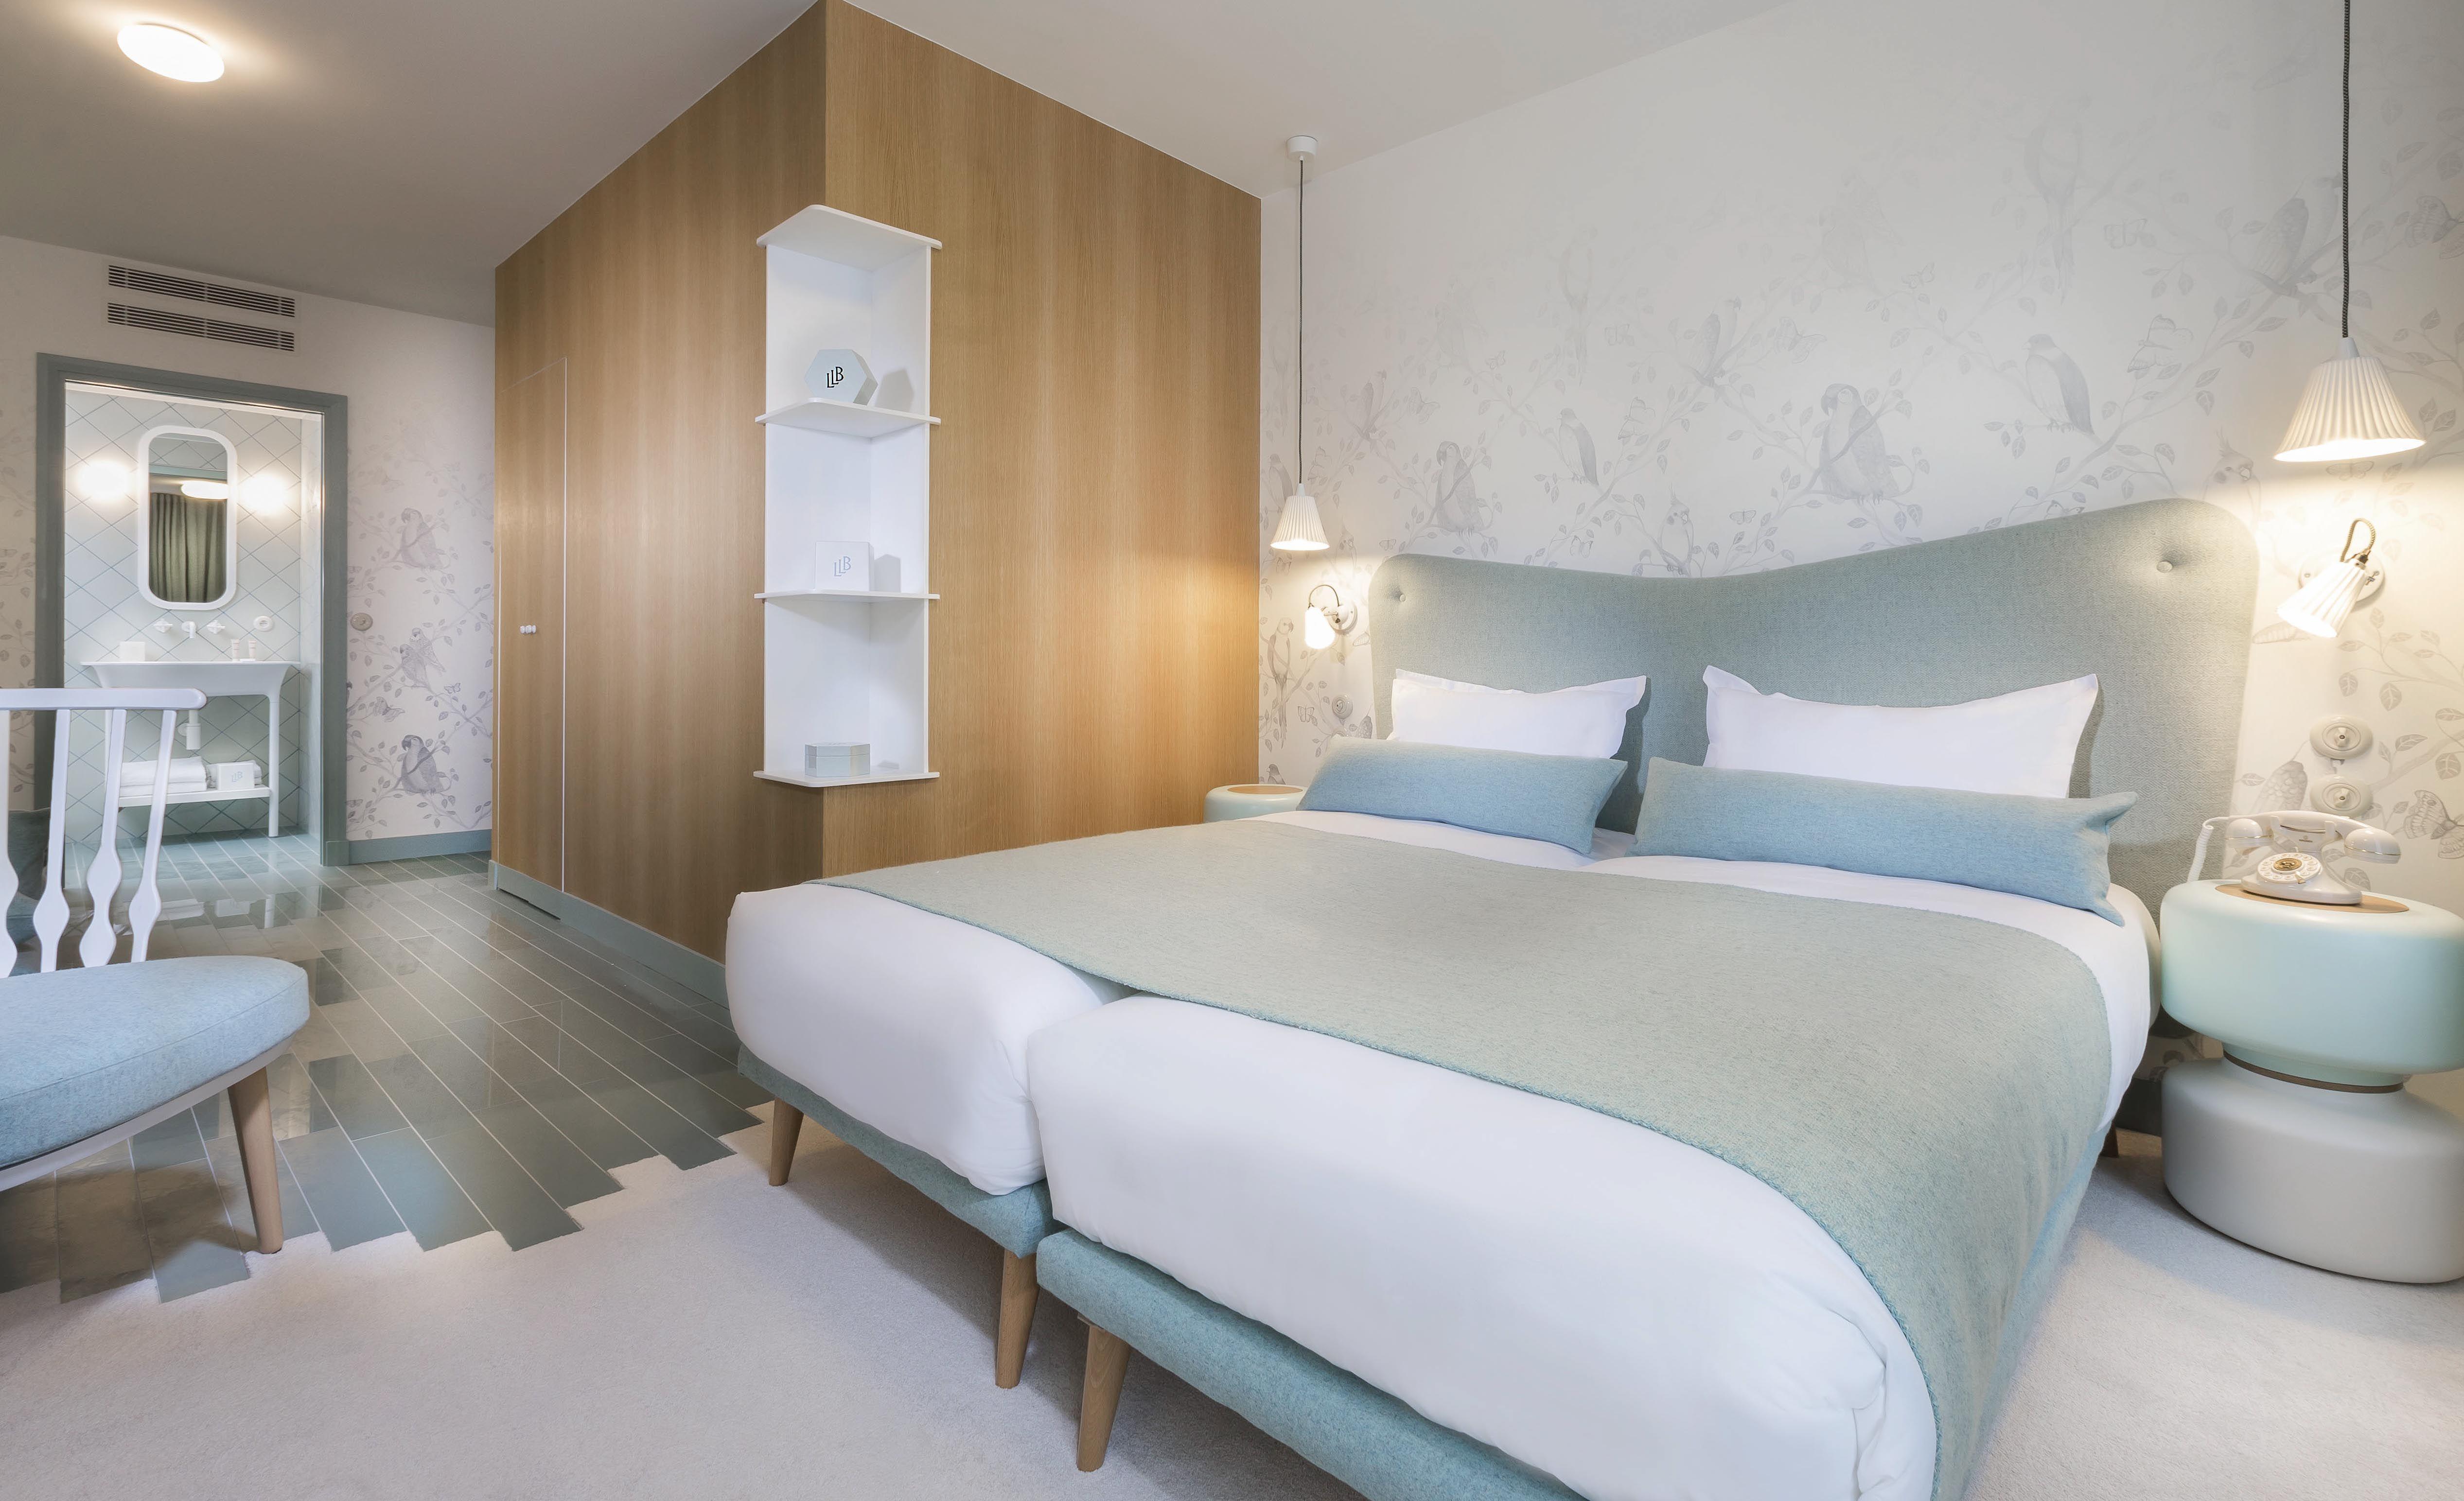 Chambre double avec tªte de lit coussins plaid et coussin de